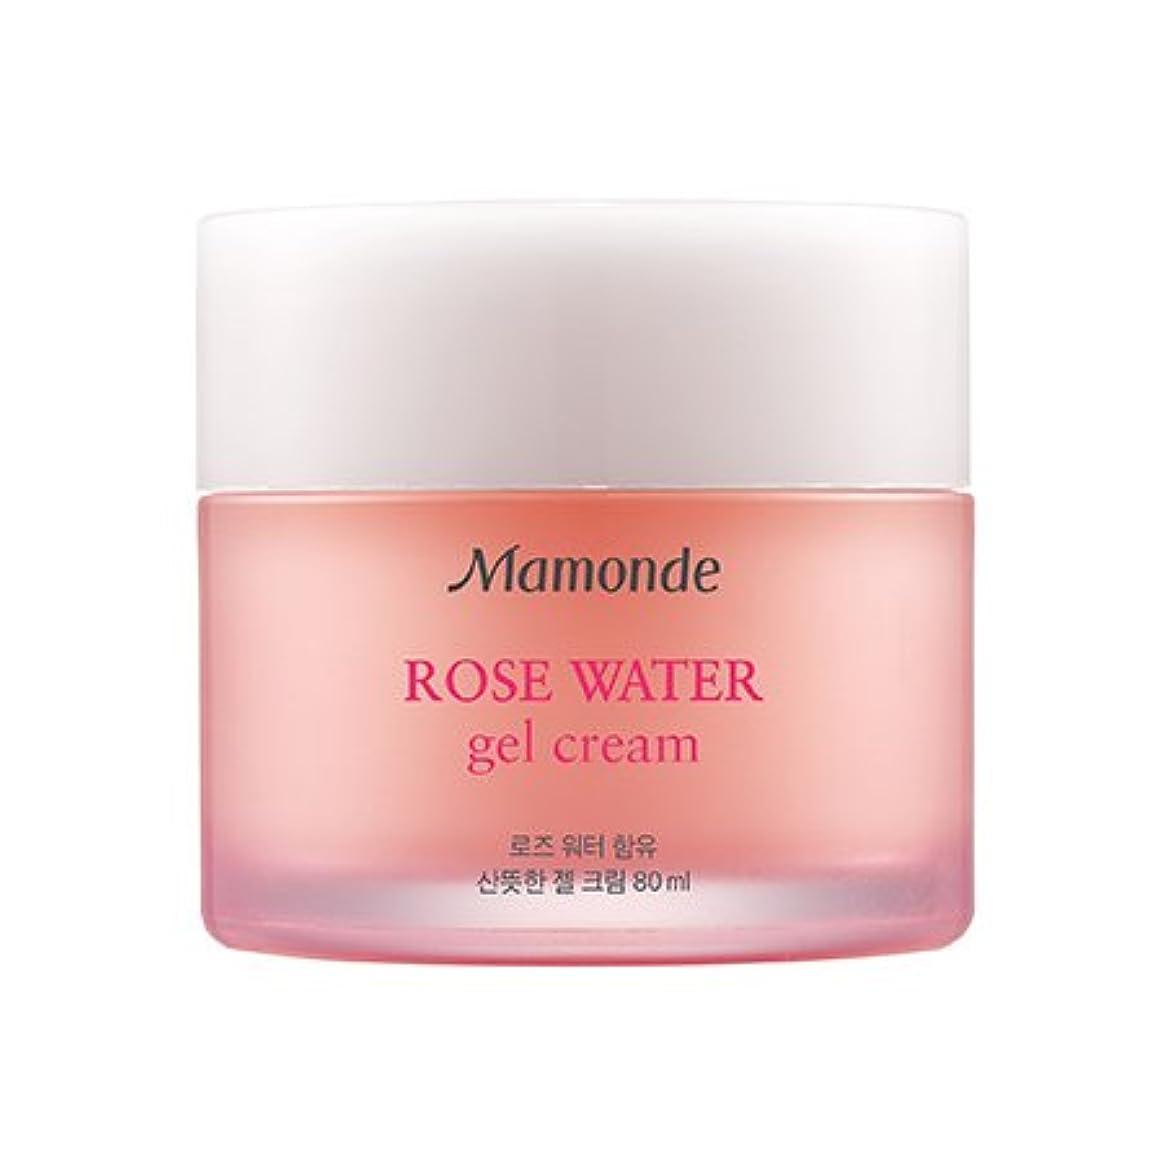 流す親指カビMamonde Rose Water Gel Cream 80ml/マモンド ローズ ウォーター ジェル クリーム 80ml [並行輸入品]